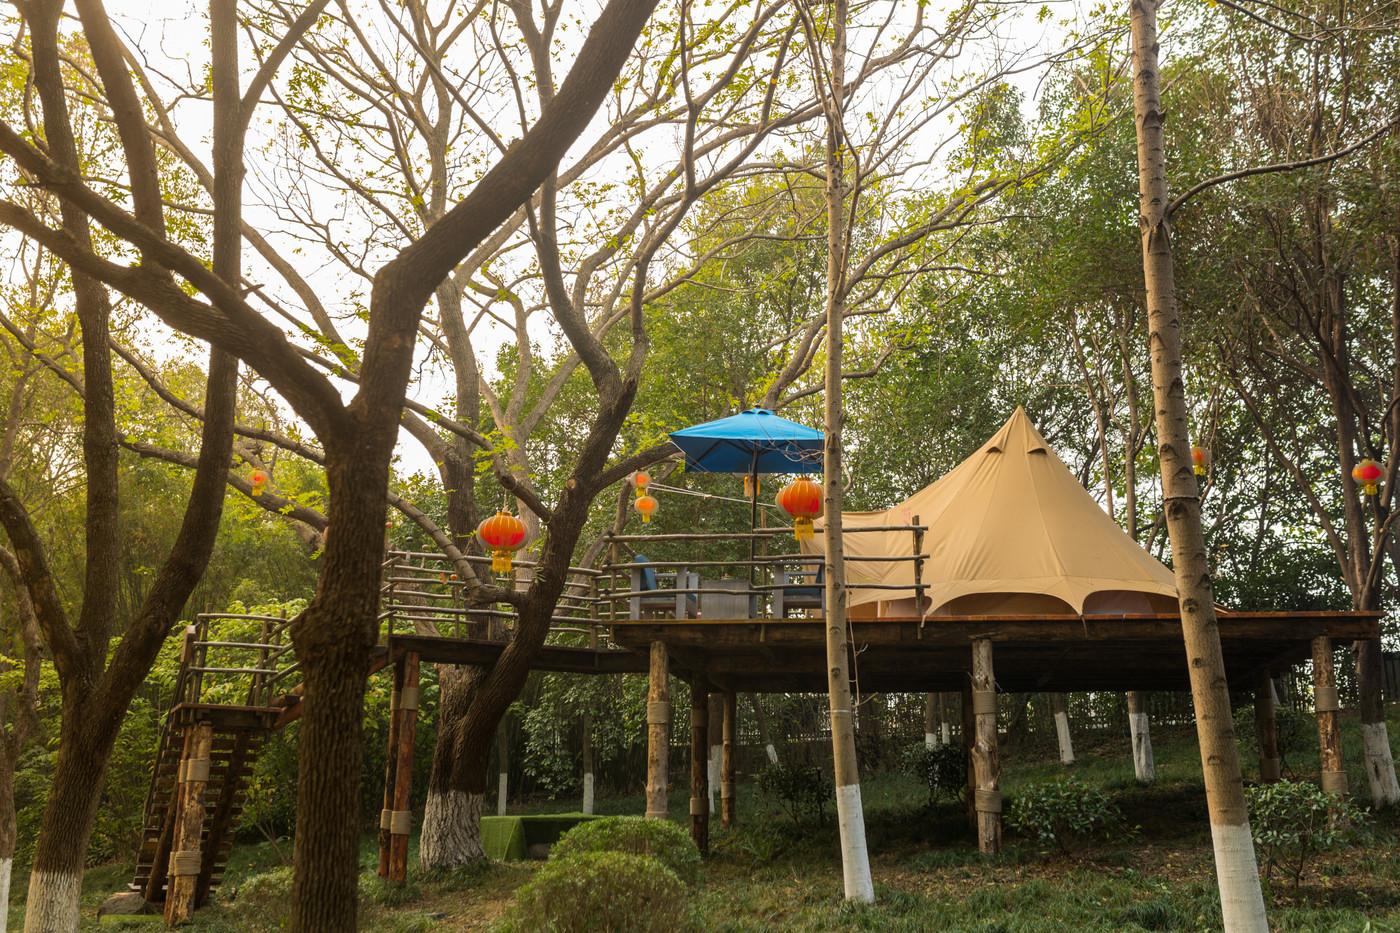 喜马拉雅野奢帐篷酒店—江苏常州天目湖树屋20